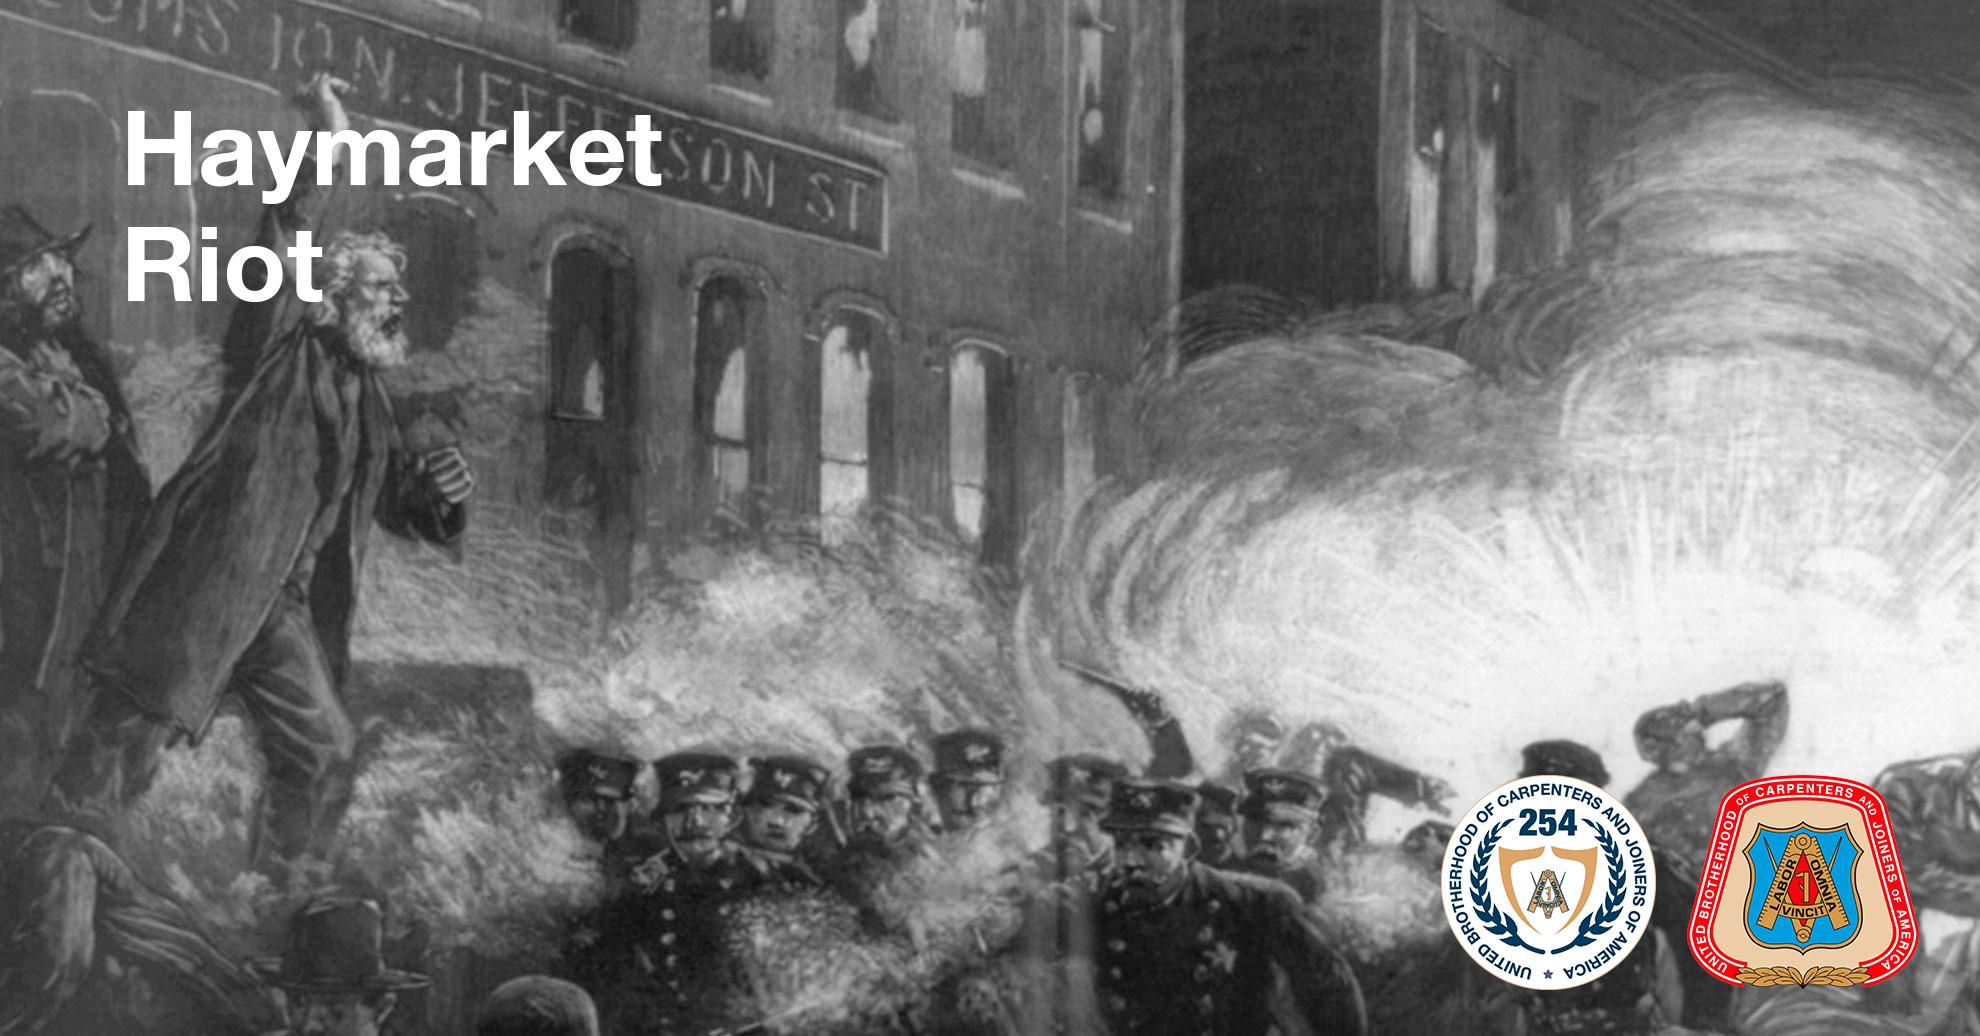 Haymarket Riot of 1886